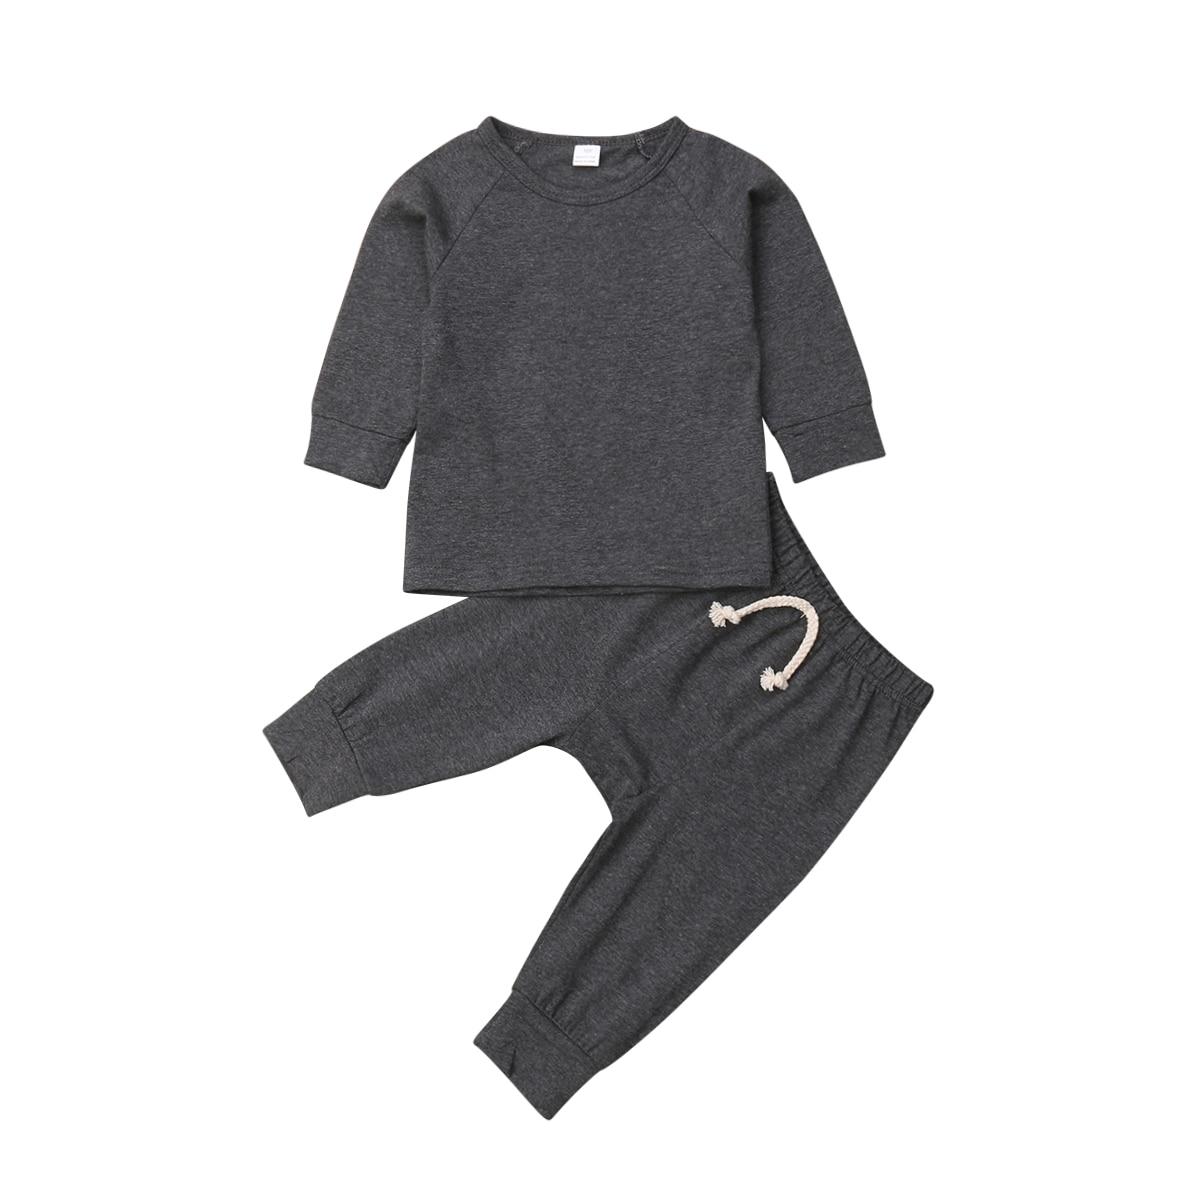 Хлопковый пижамный комплект с длинными рукавами для новорожденных мальчиков и девочек от 0 до 24 месяцев, одежда для сна, одежда для сна, топы и штаны, комплекты одежды для малышей из 2 предметов - Цвет: Темно-серый